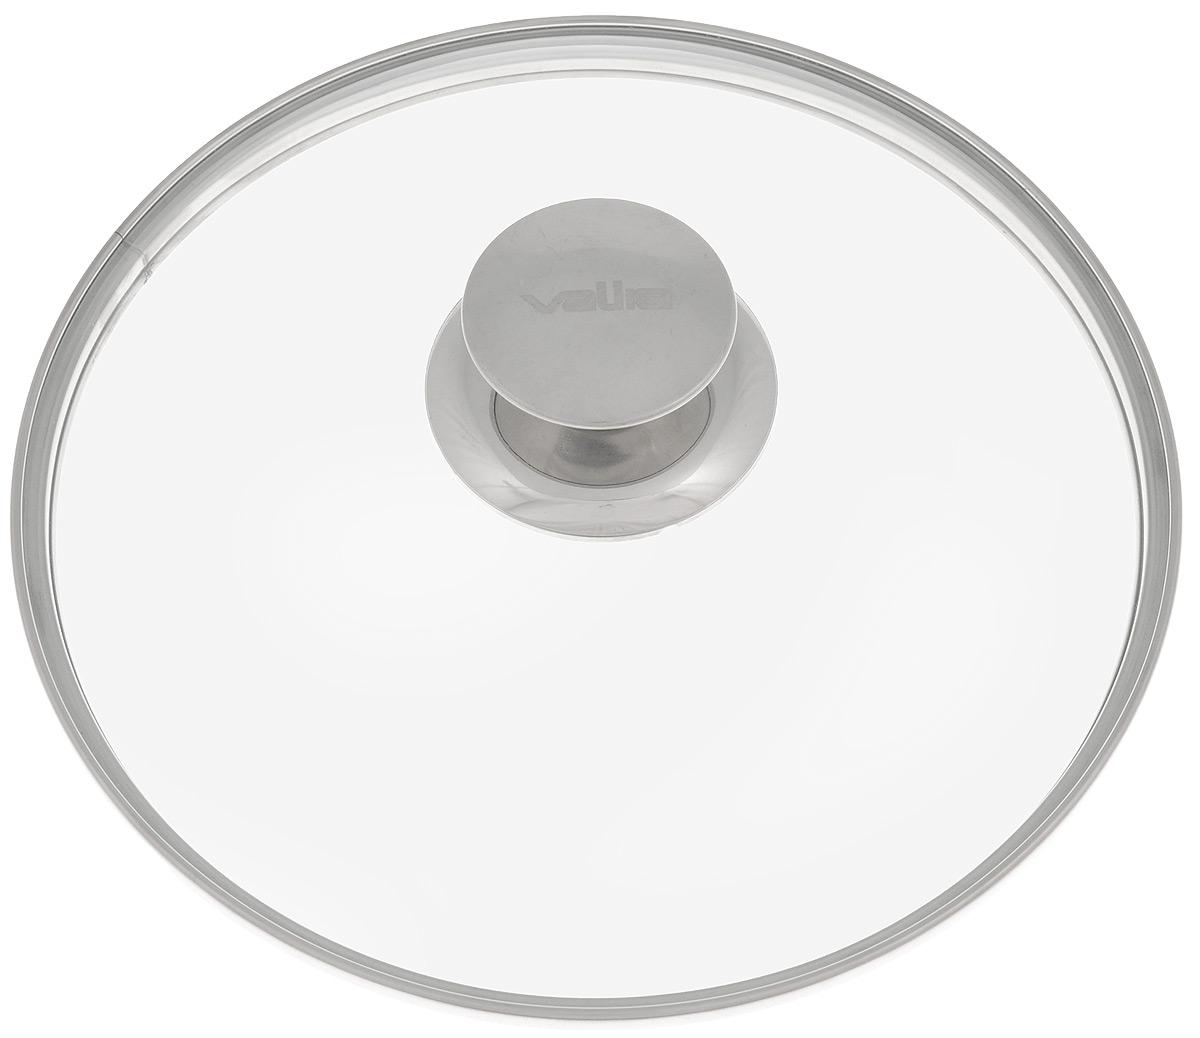 """Крышка """"Valira"""", диаметр 22 см"""